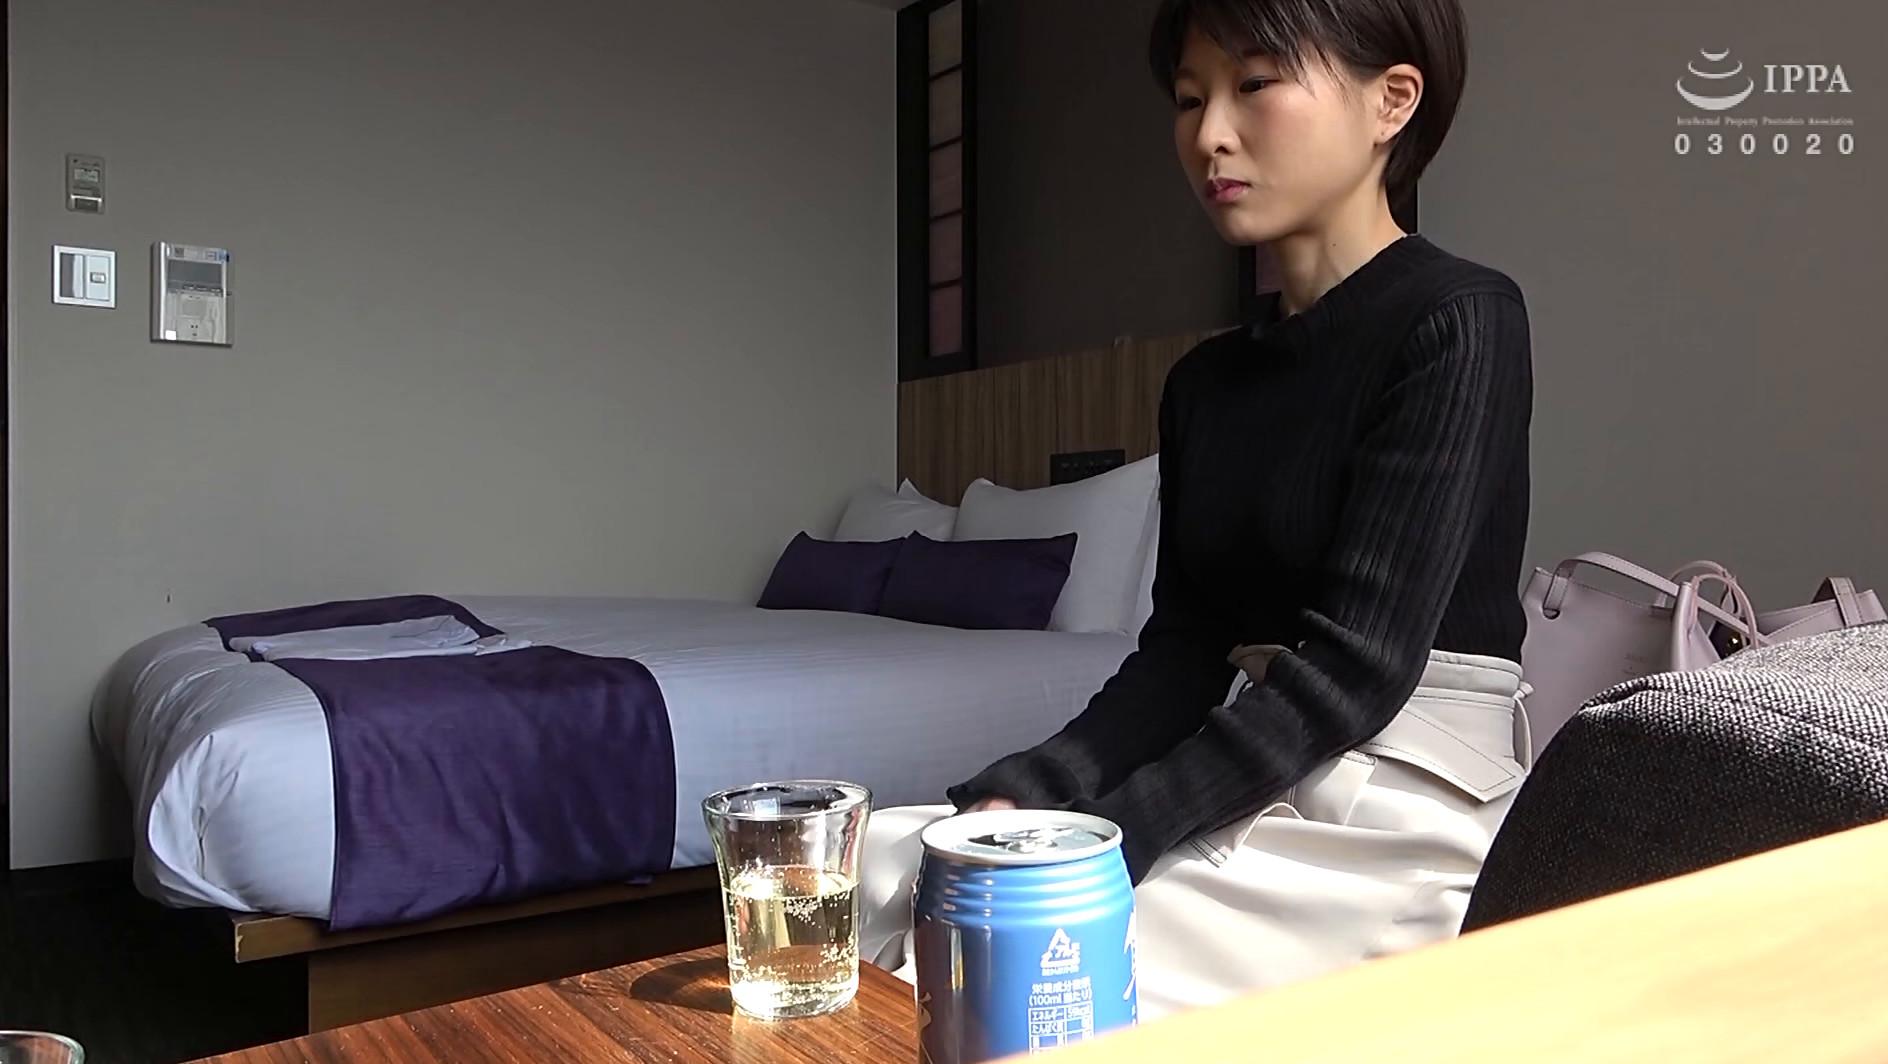 人妻自撮りNTR 寝取られ報告ビデオ 17 人妻・公佳(仮名) 二十九歳、結婚二年目 子供なし、弁護士